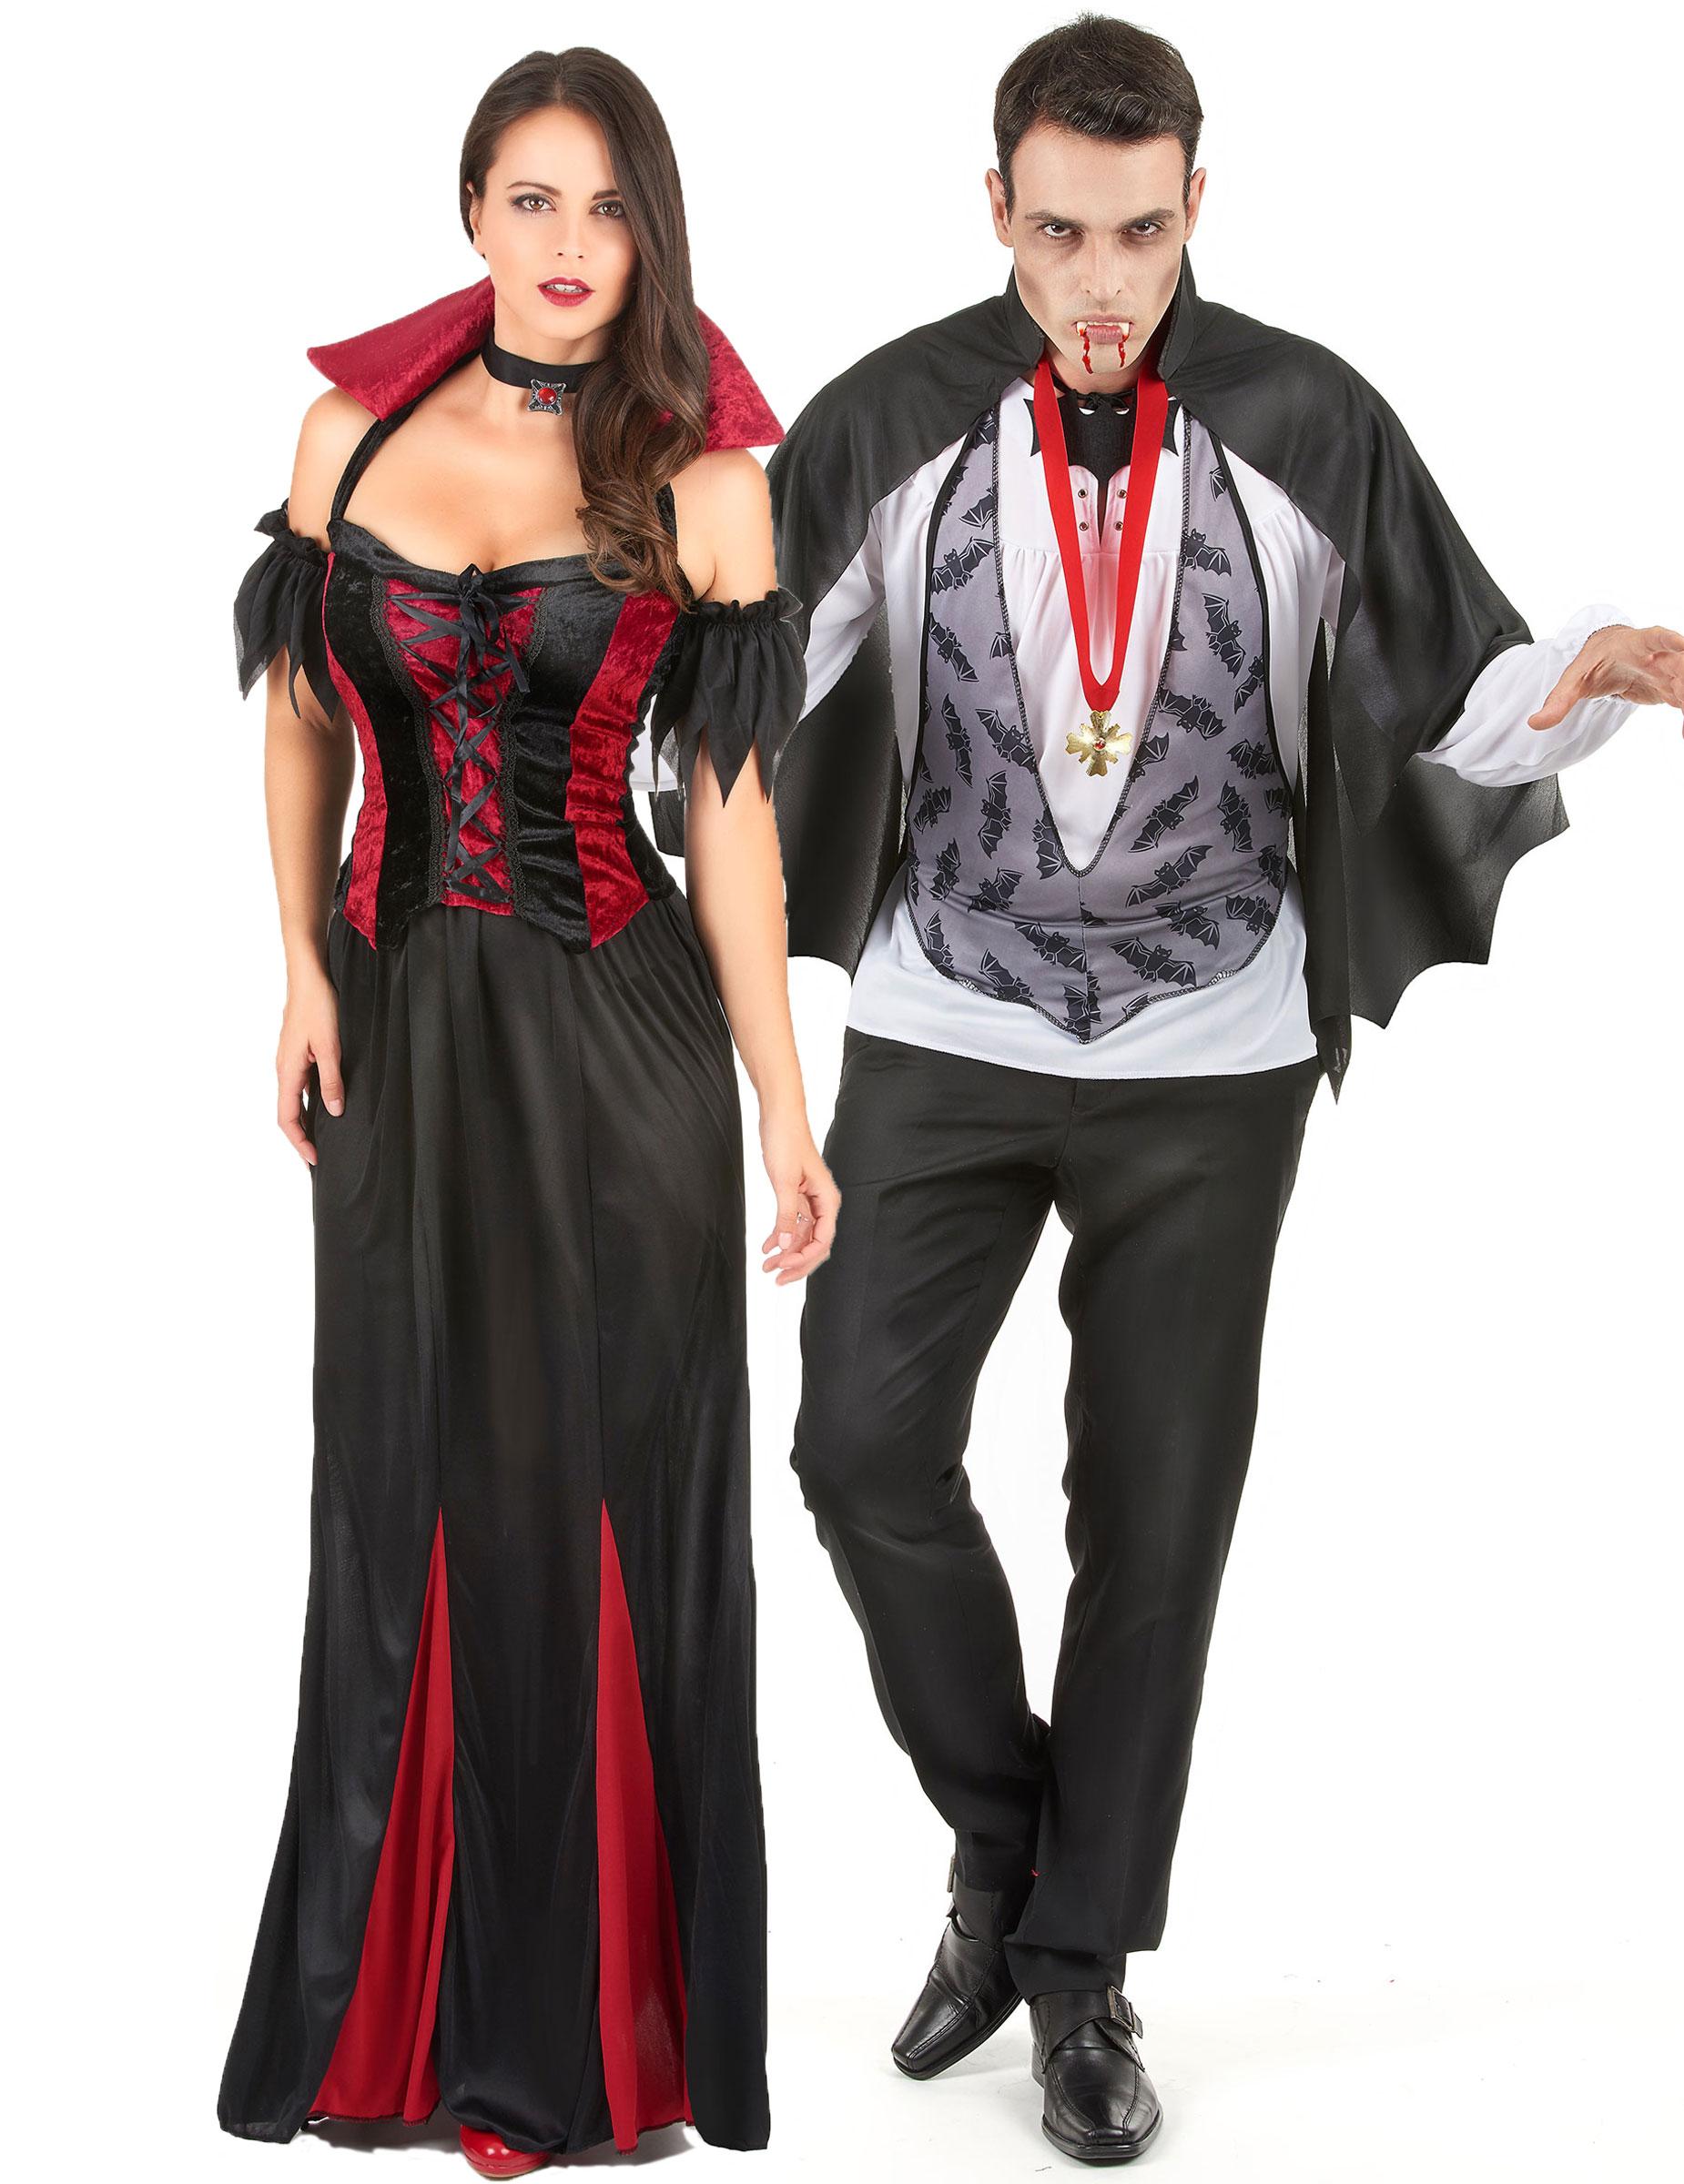 Disfraz De Pareja De Vampiros Ideal Para Halloween Disfraces - Trajes-de-jalowin